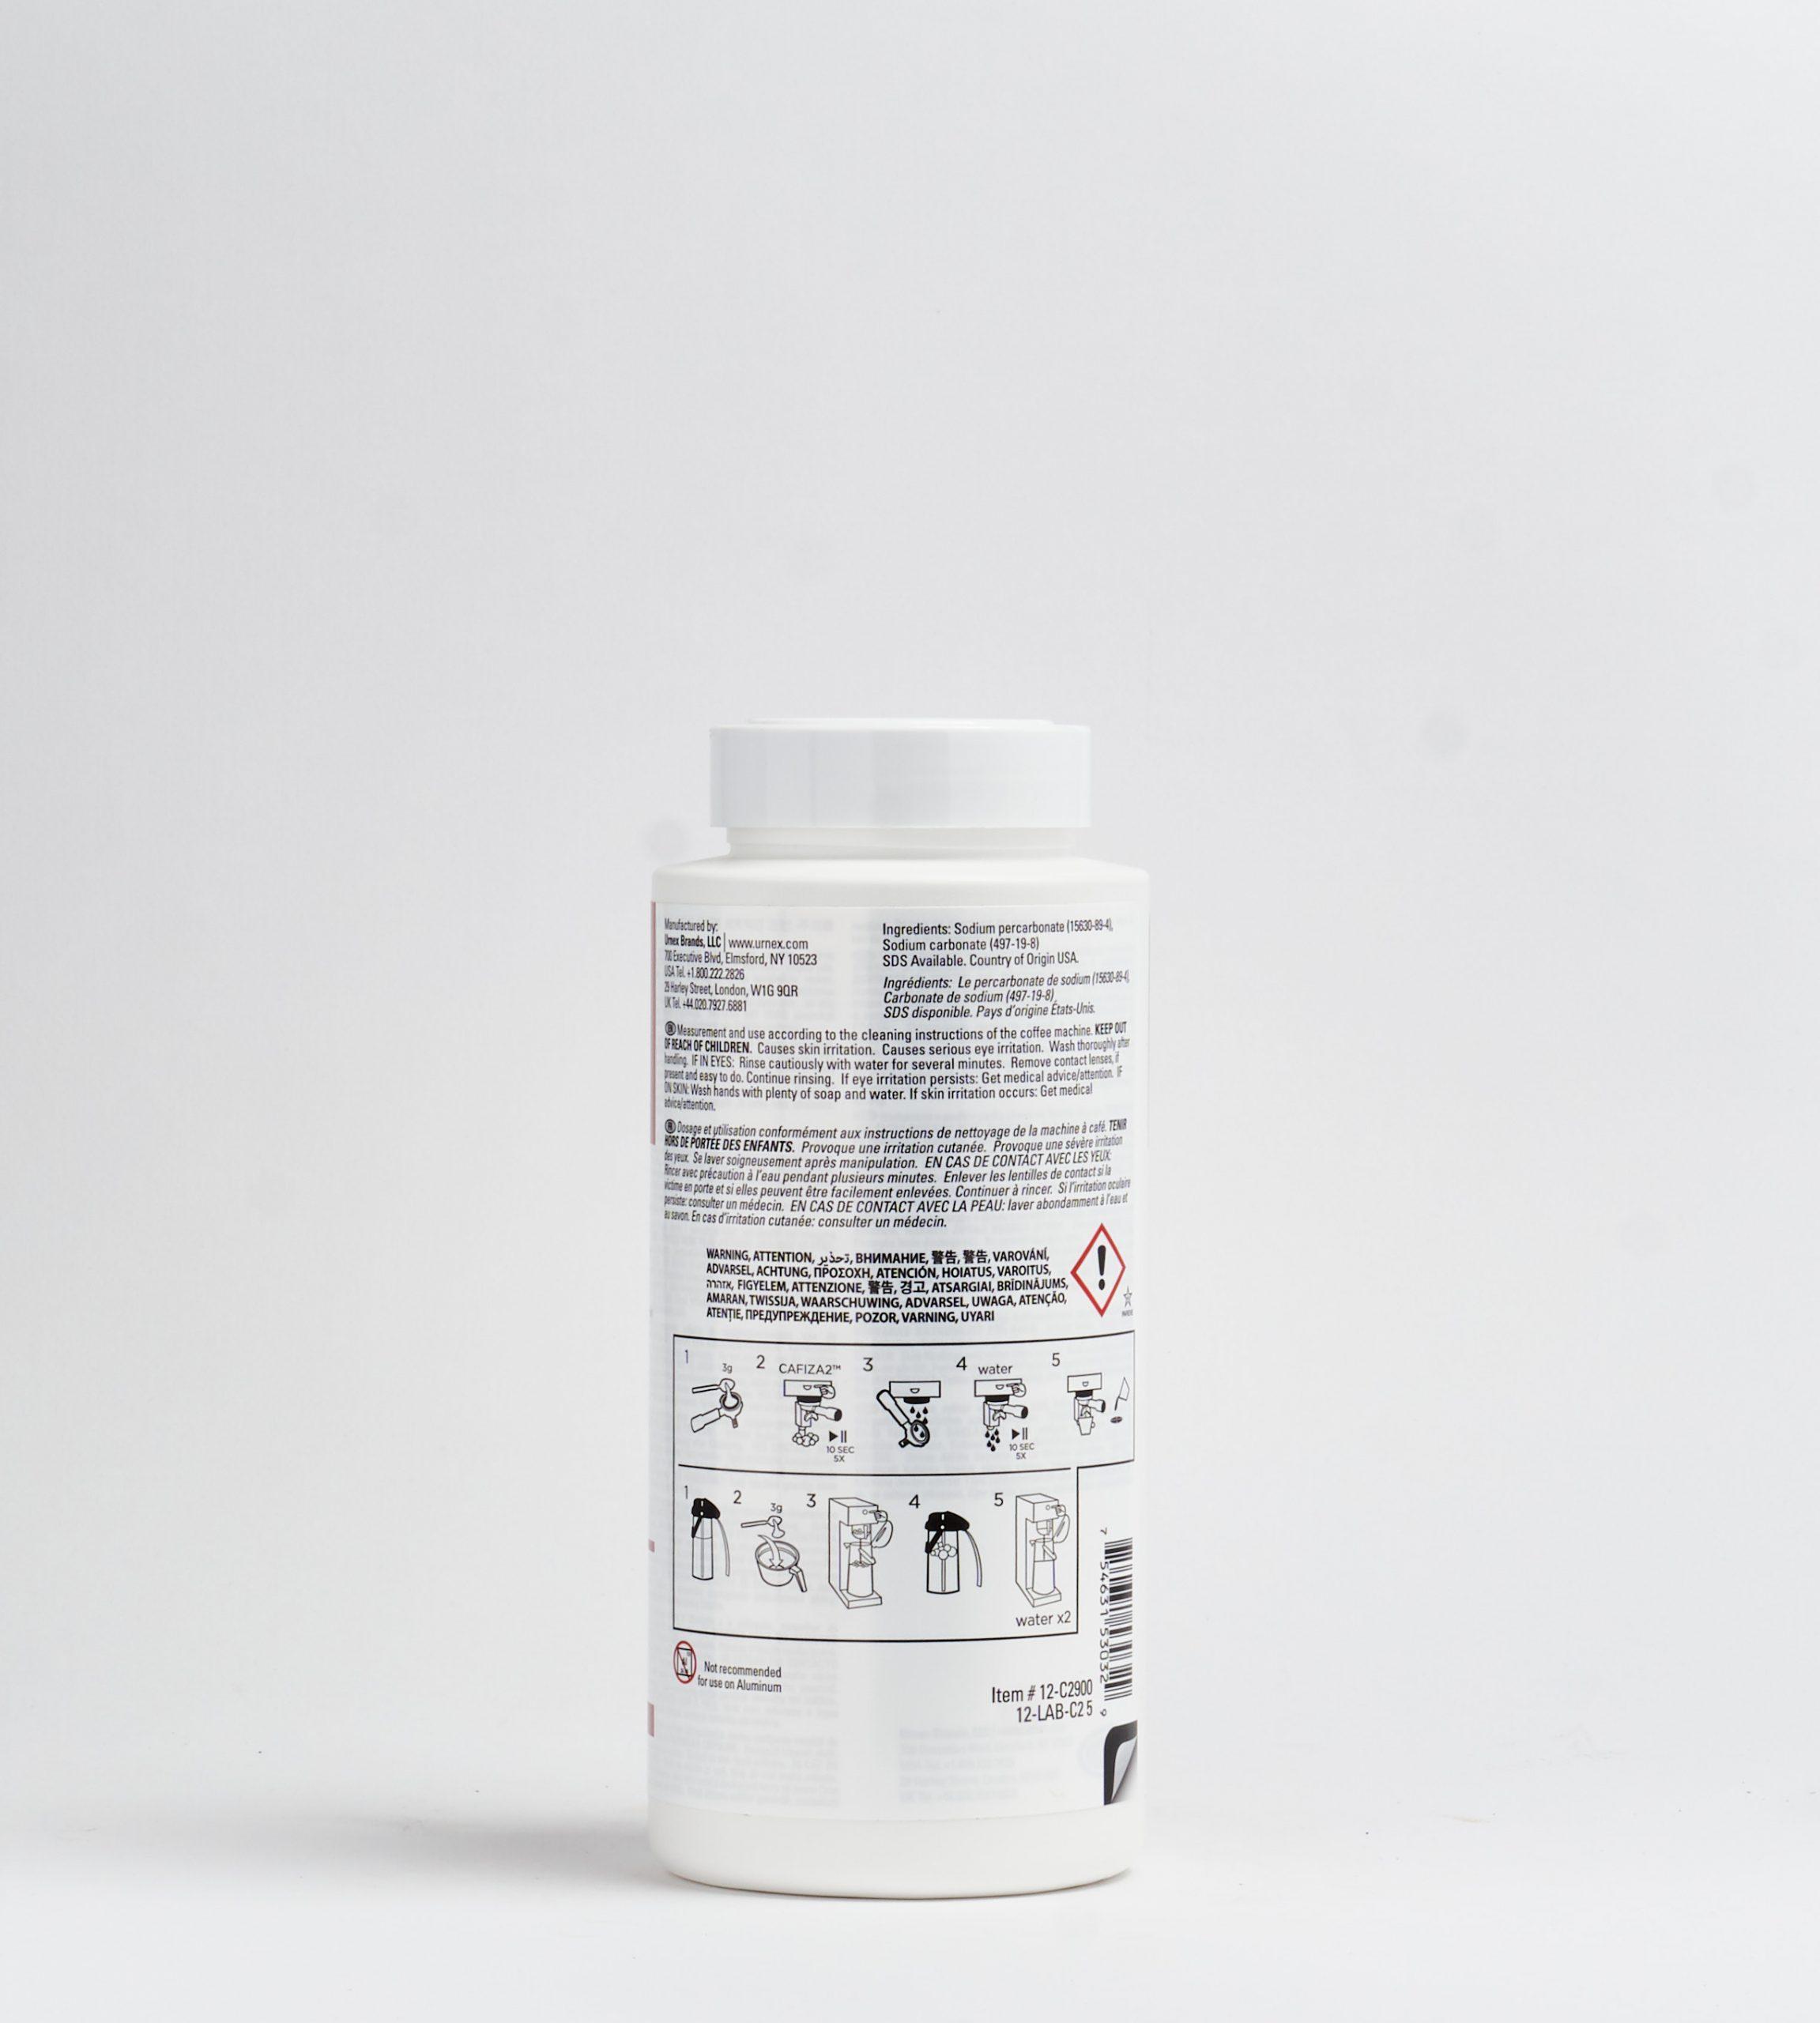 Espressomaschinenreiniger, 900g-prev-2